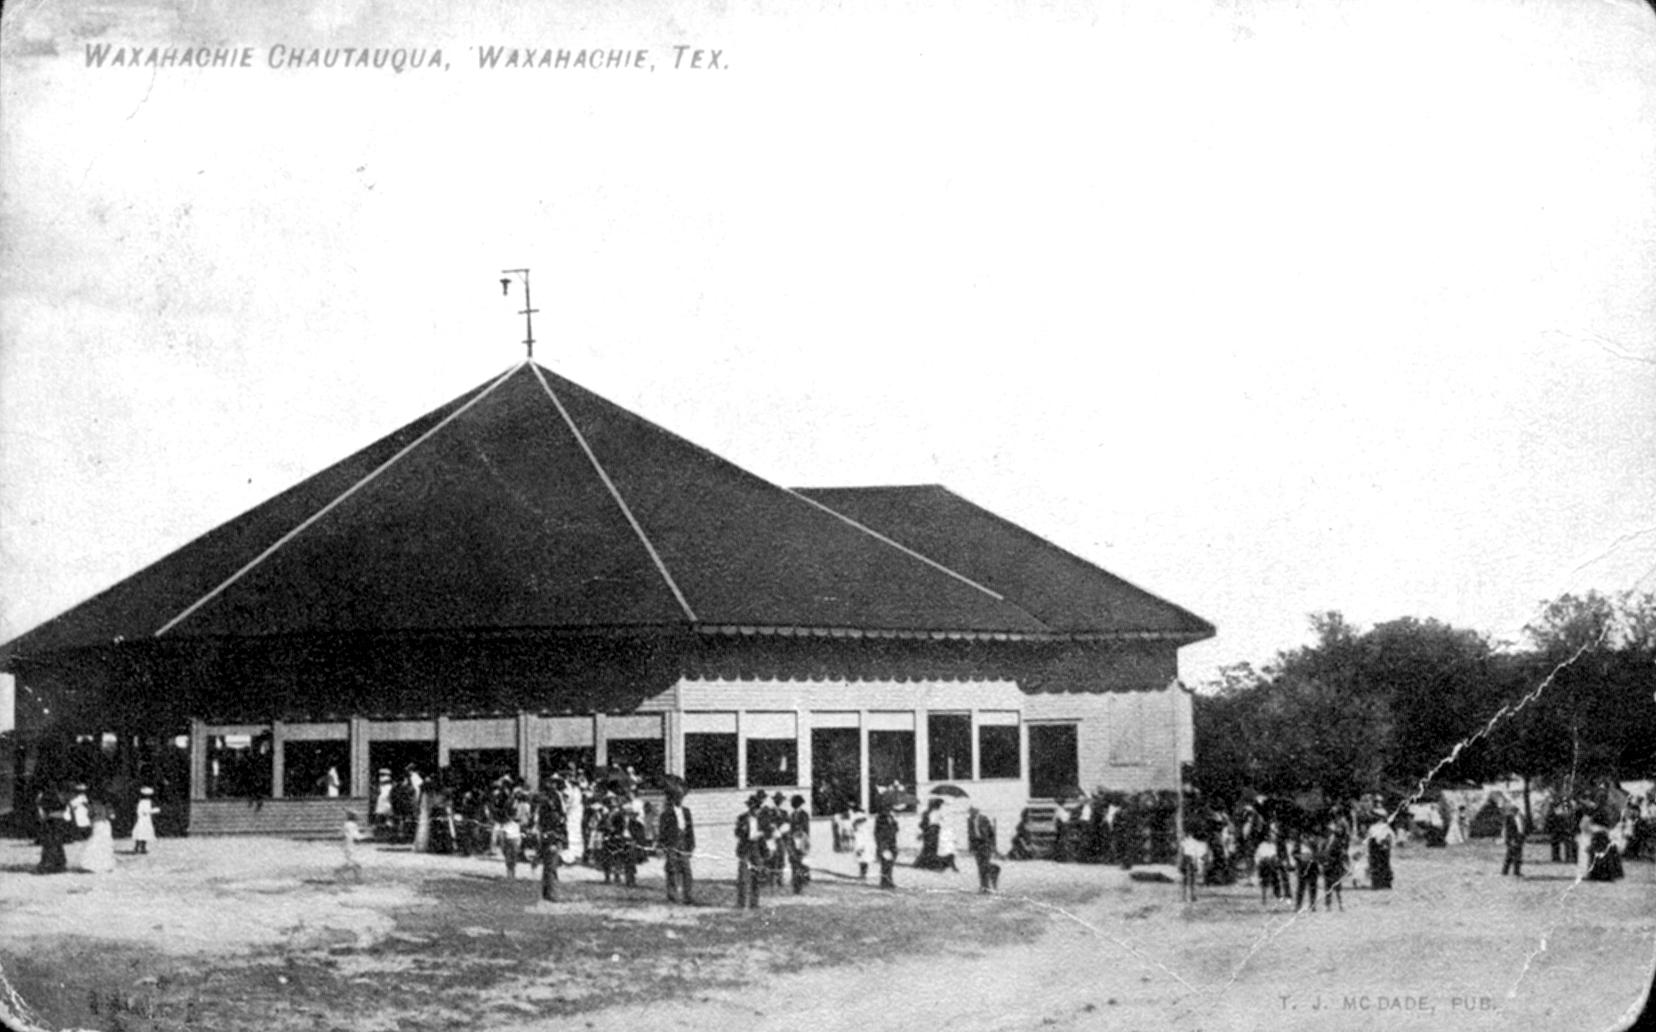 15_Chautauqua Auditorium.jpg